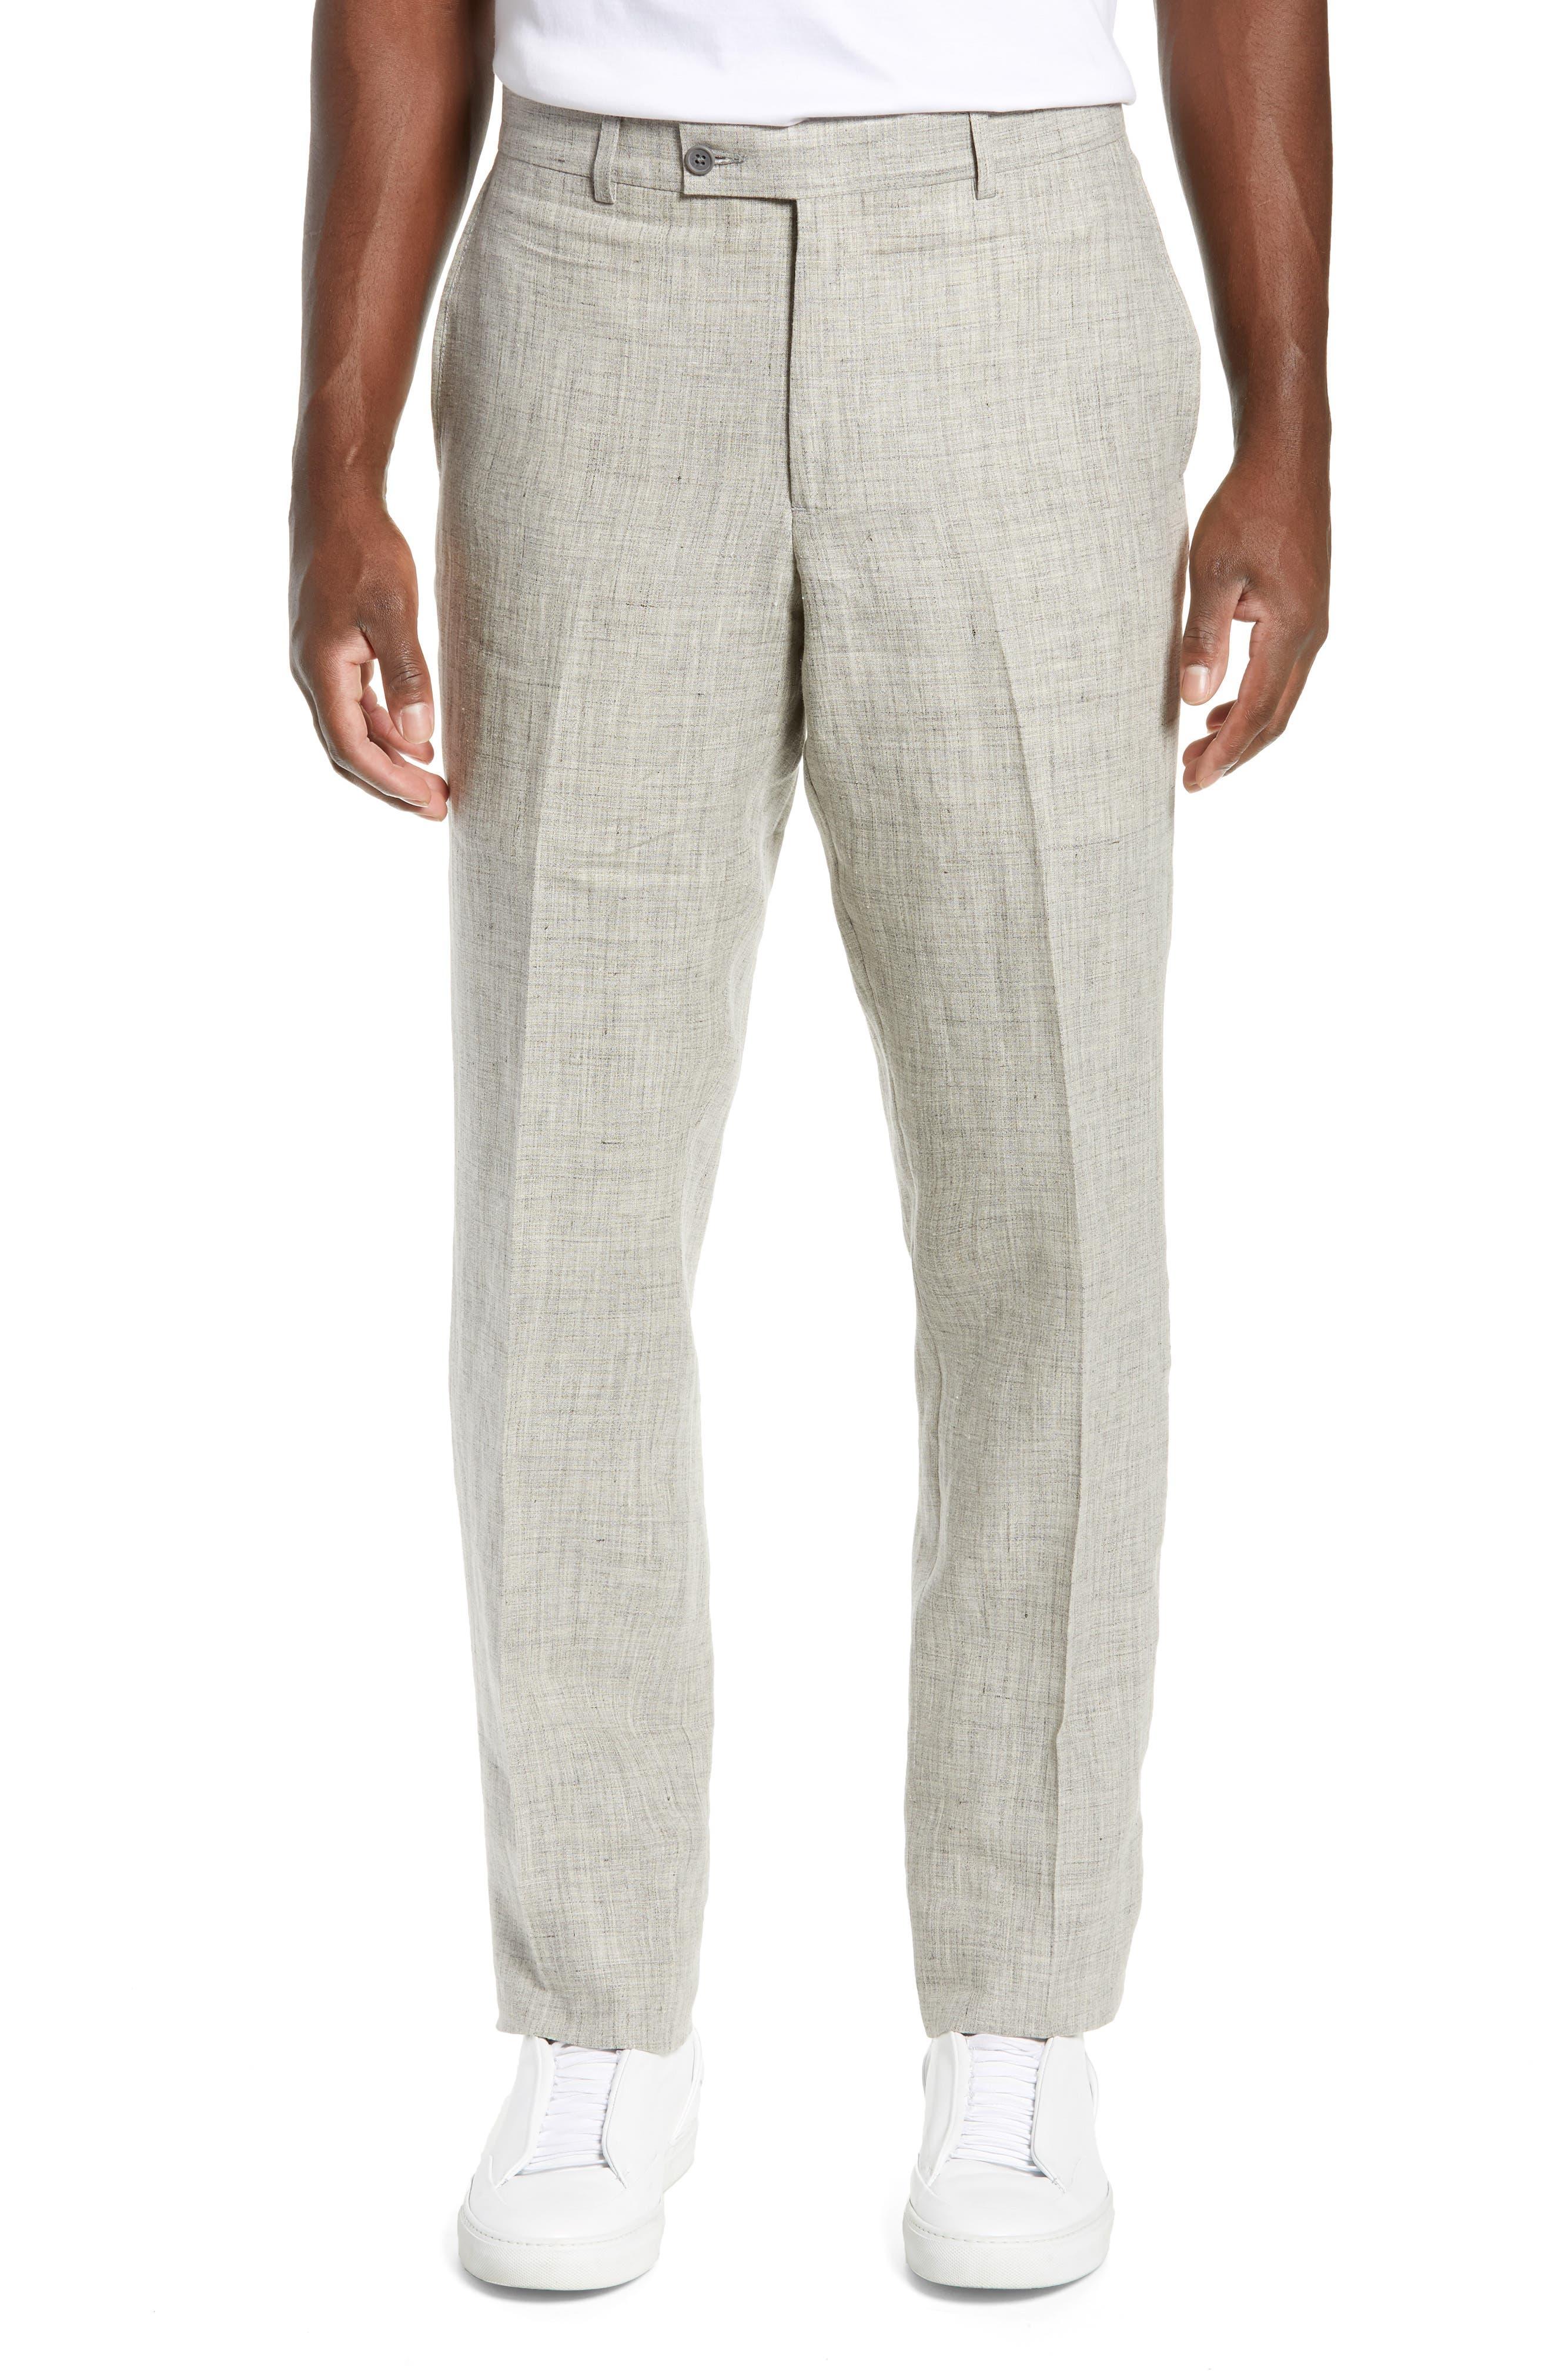 NORDSTROM MEN'S SHOP Flat Front Mélange Linen Trousers, Main, color, LIGHT GREY